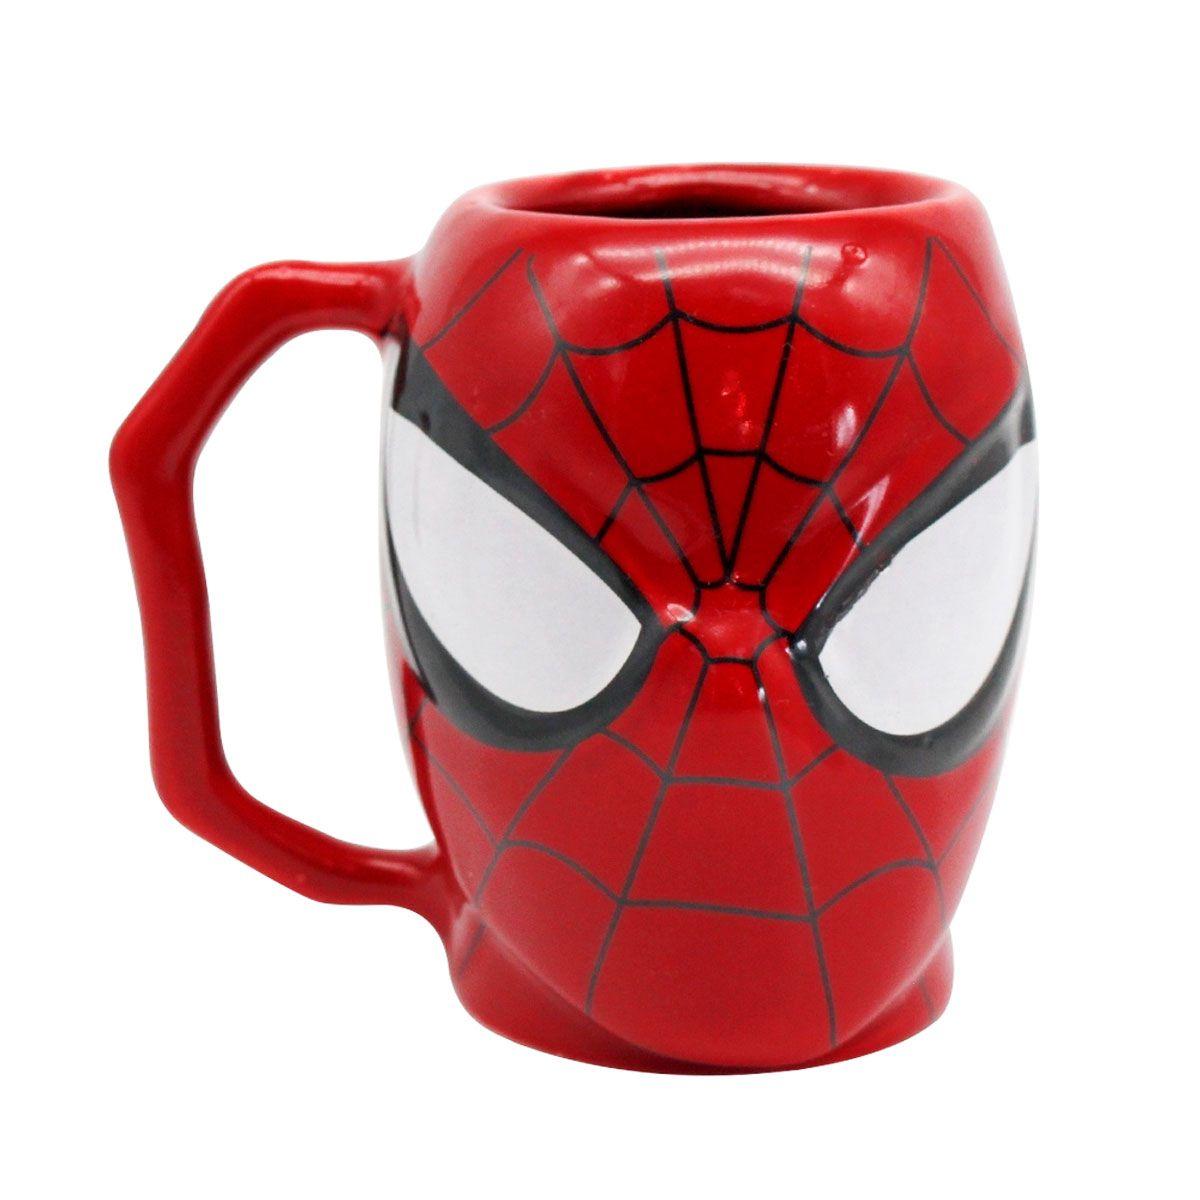 Caneca 3D Spider Man Homem Aranha Marvel 400 ml